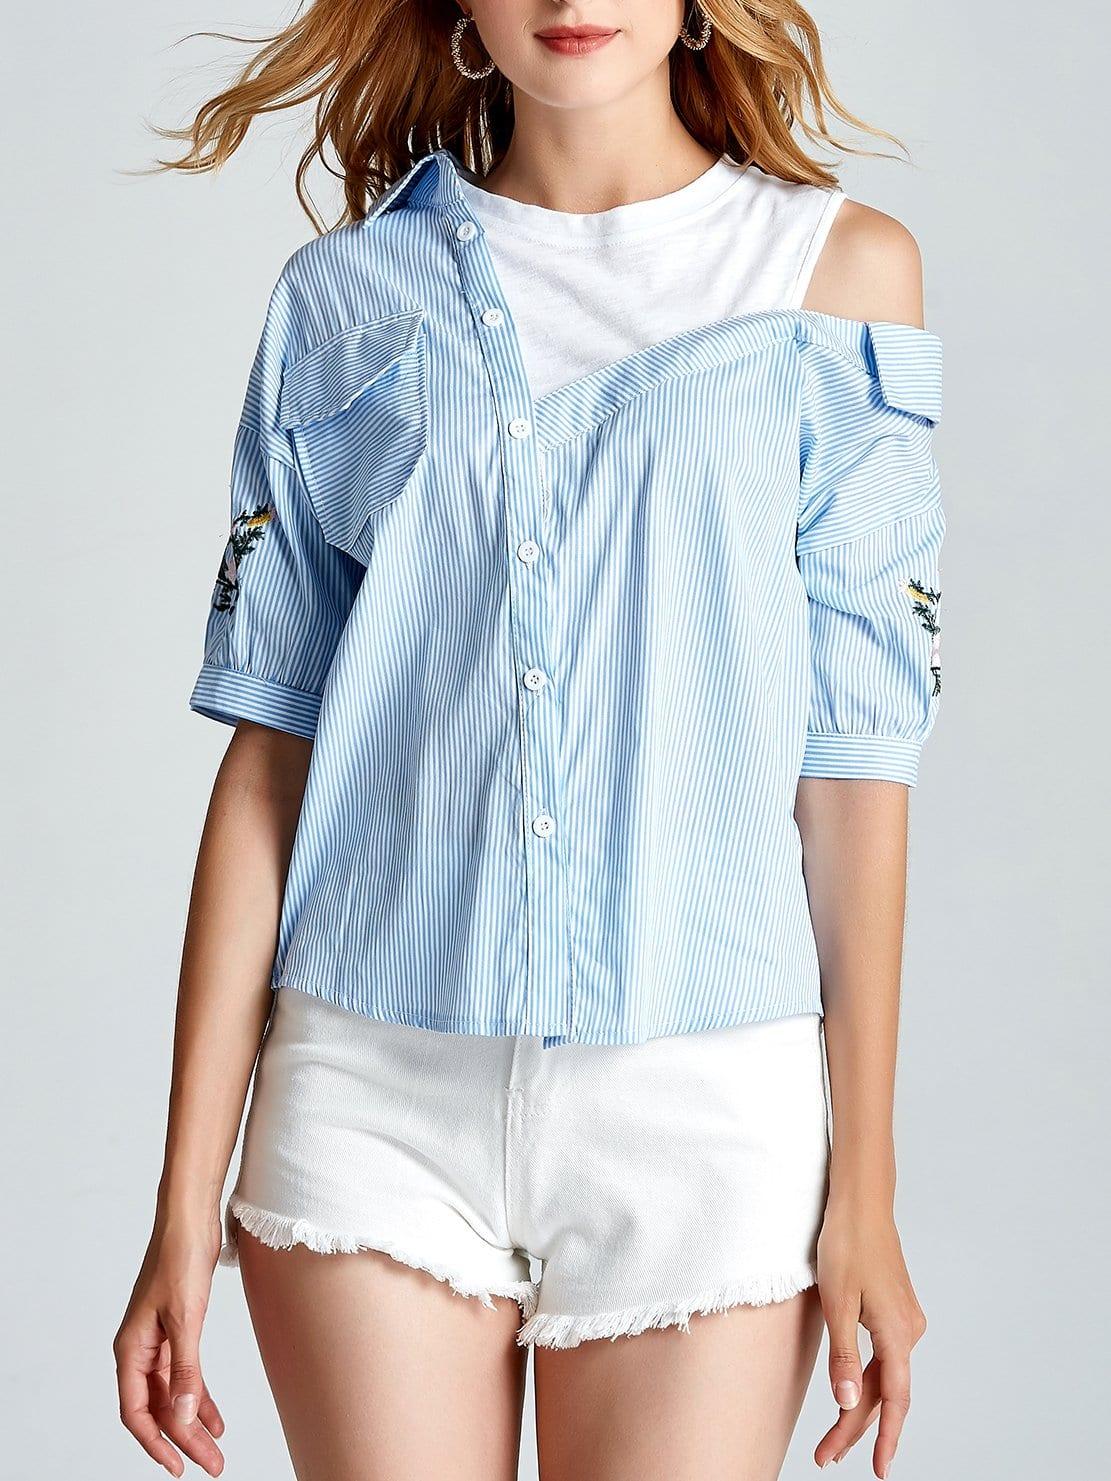 Купить Рубашка с открытыми плечами и полосками и вышивкой, null, SheIn